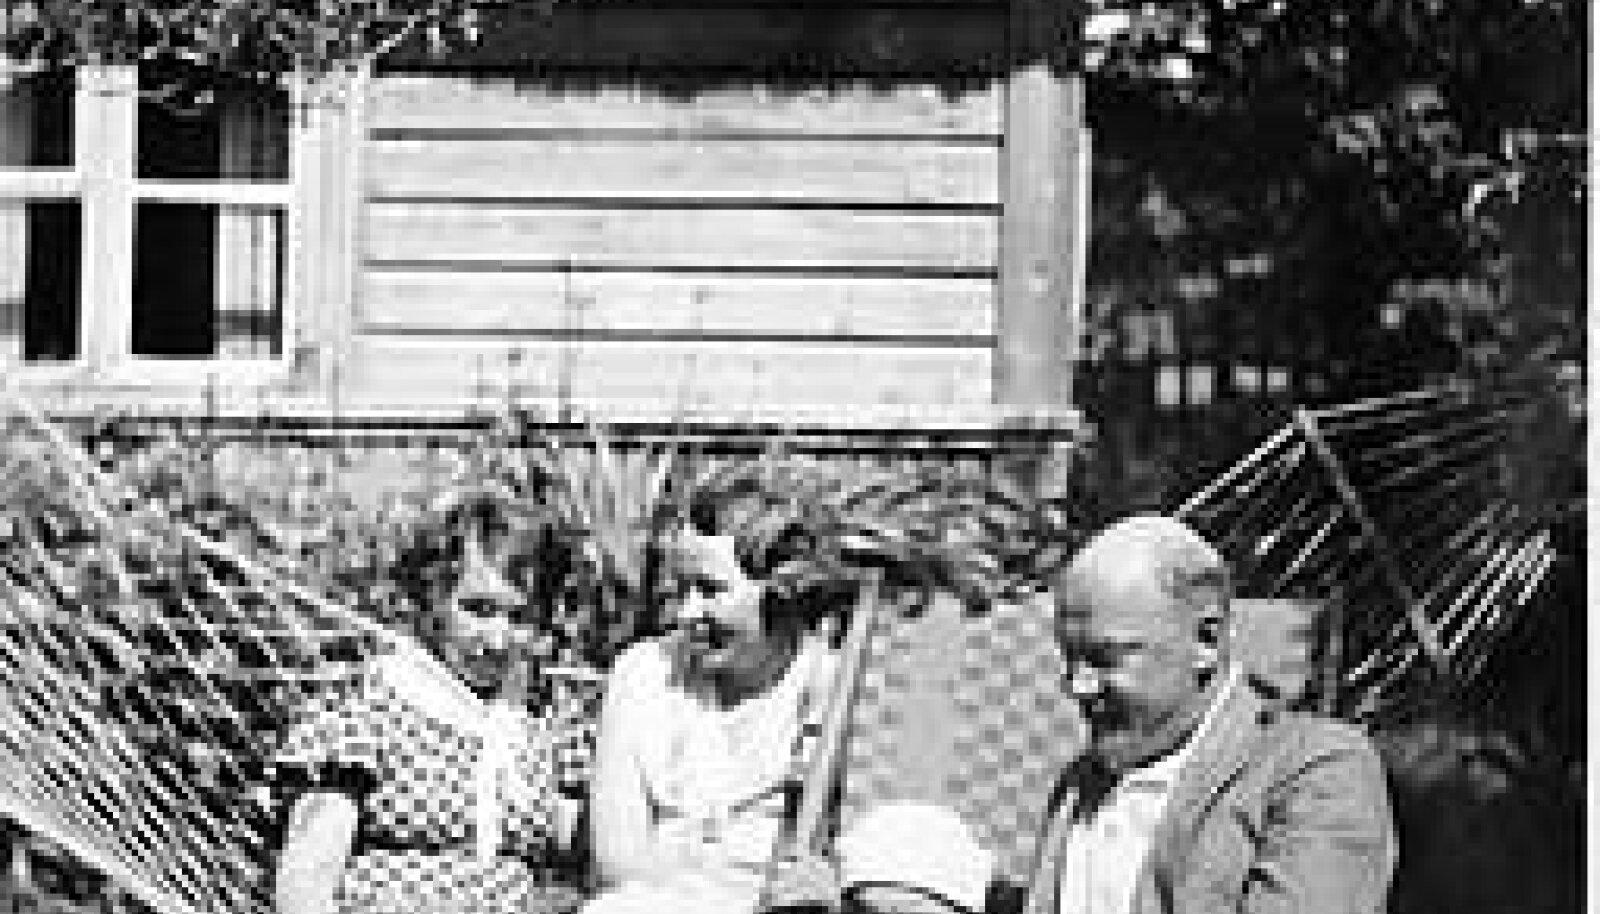 VEEL ÕNNELIK PERE: Abikaasa Alide, poeg Jüri ja Elmar Muuk, keskel pr Tedre. ERAKOGU